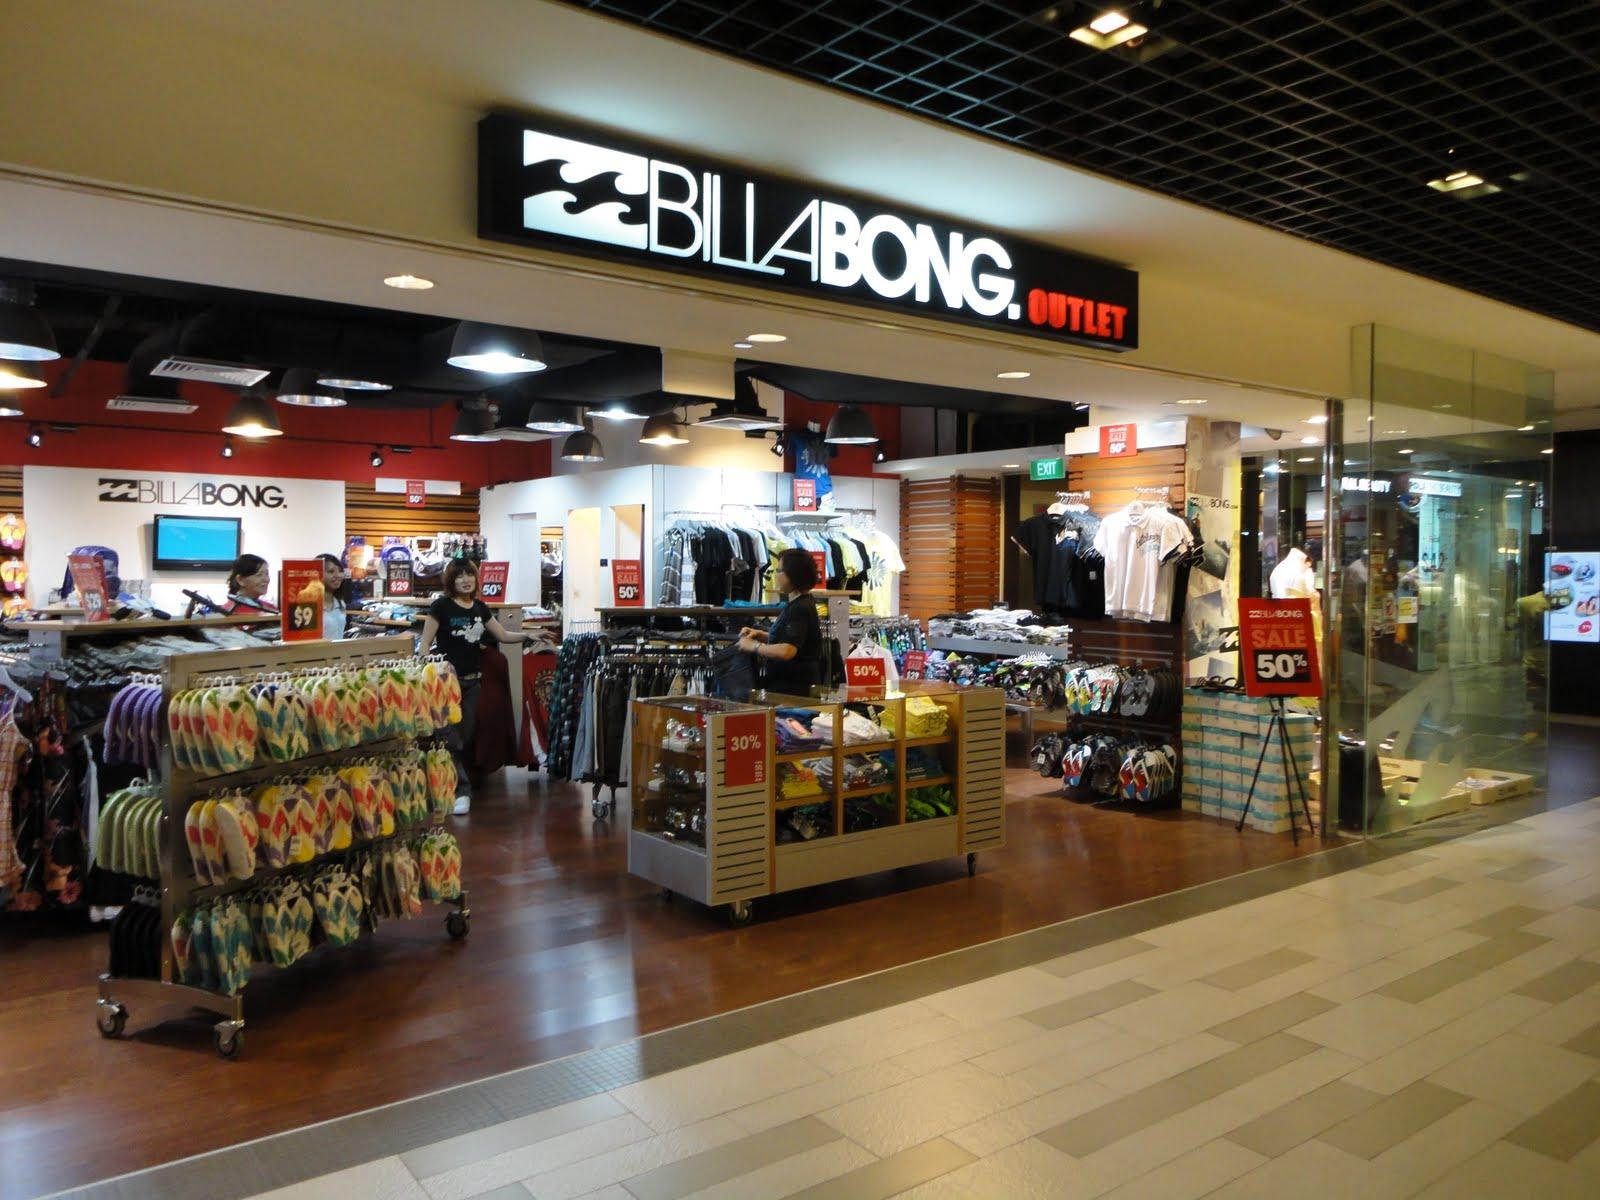 Billabong clothing store